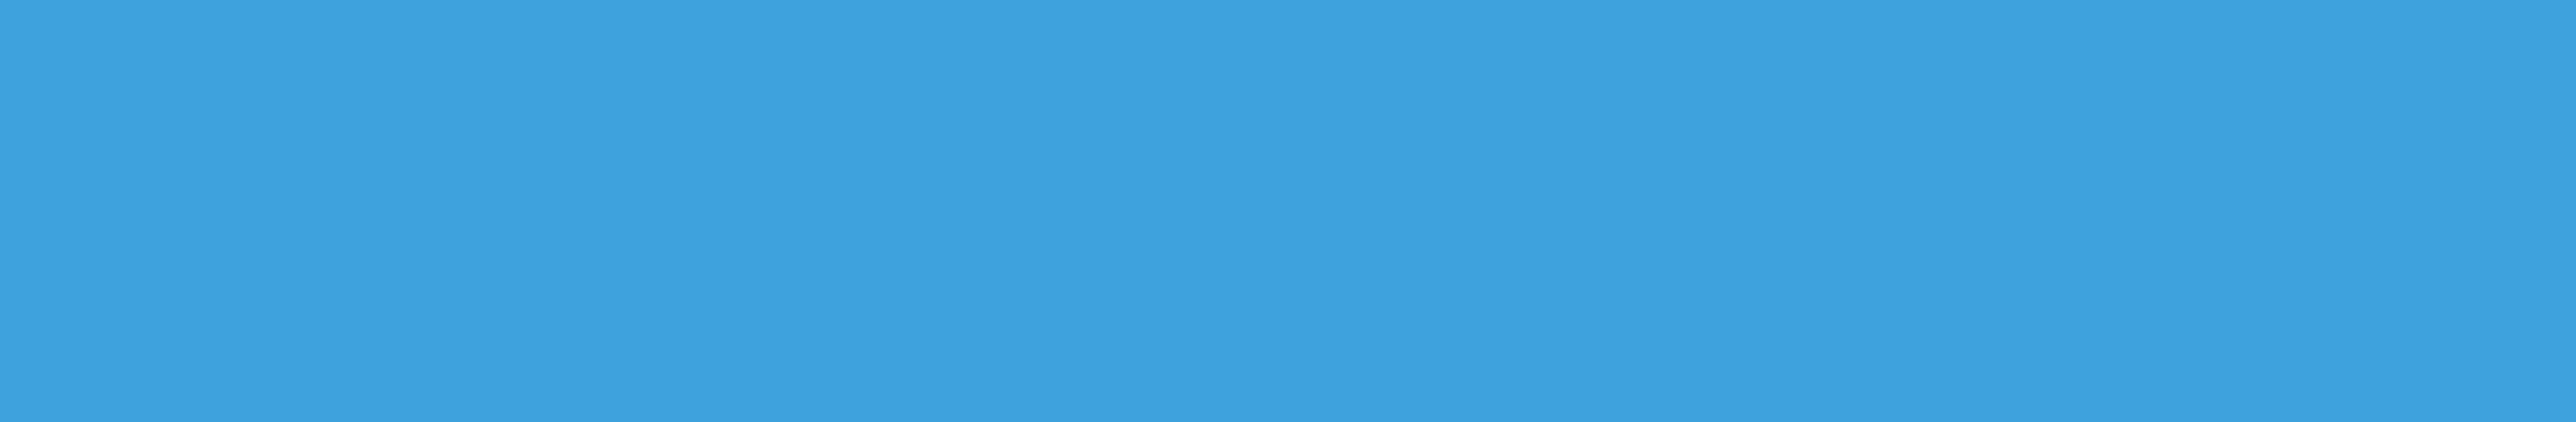 Blauer Verlauf